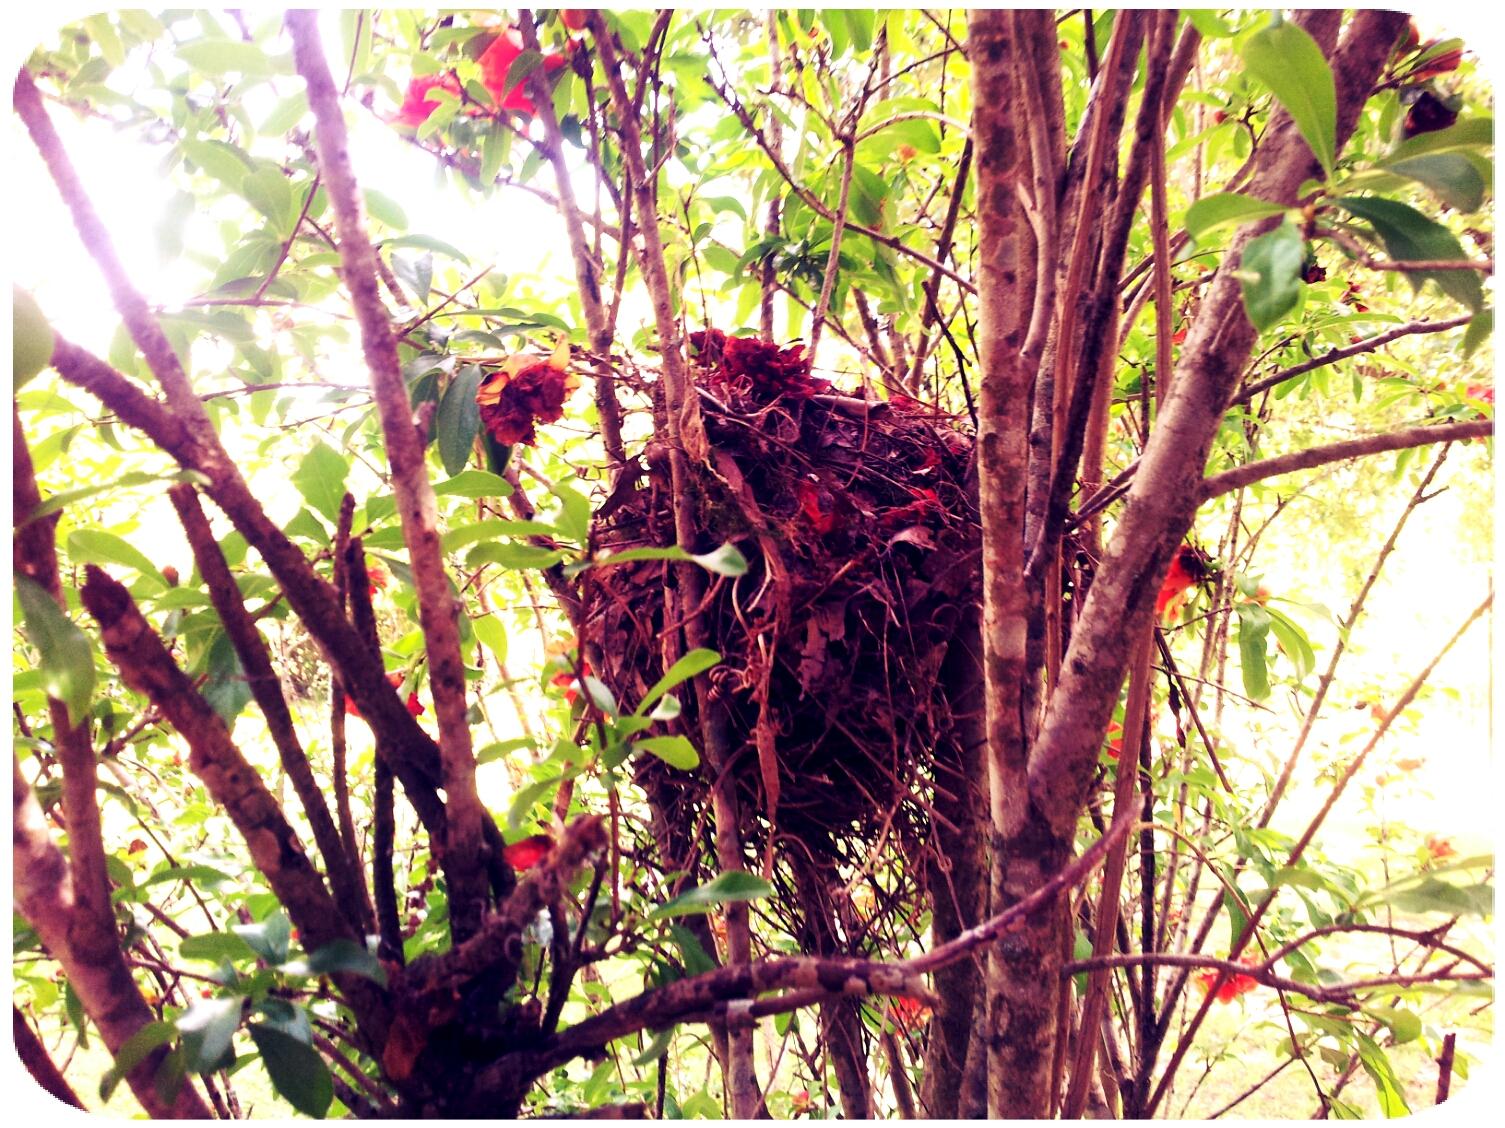 2012-04-25 15.07.47_Anne_Round.jpg